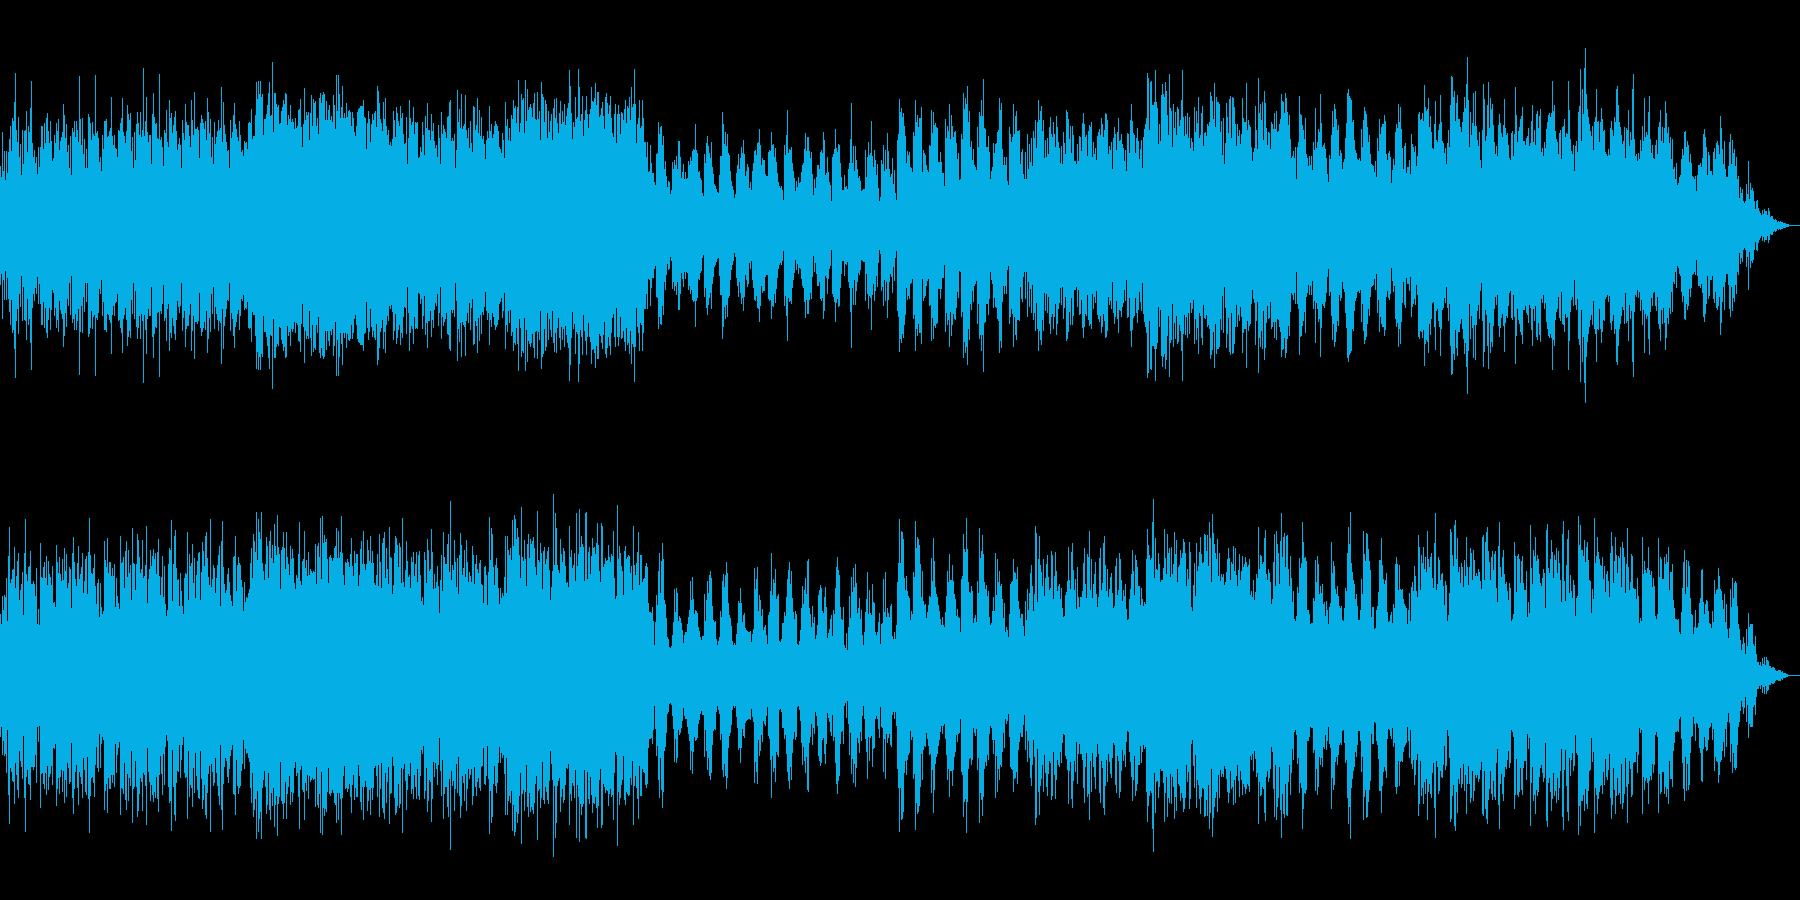 瞑想やヨガ、睡眠誘導のための音楽 10の再生済みの波形